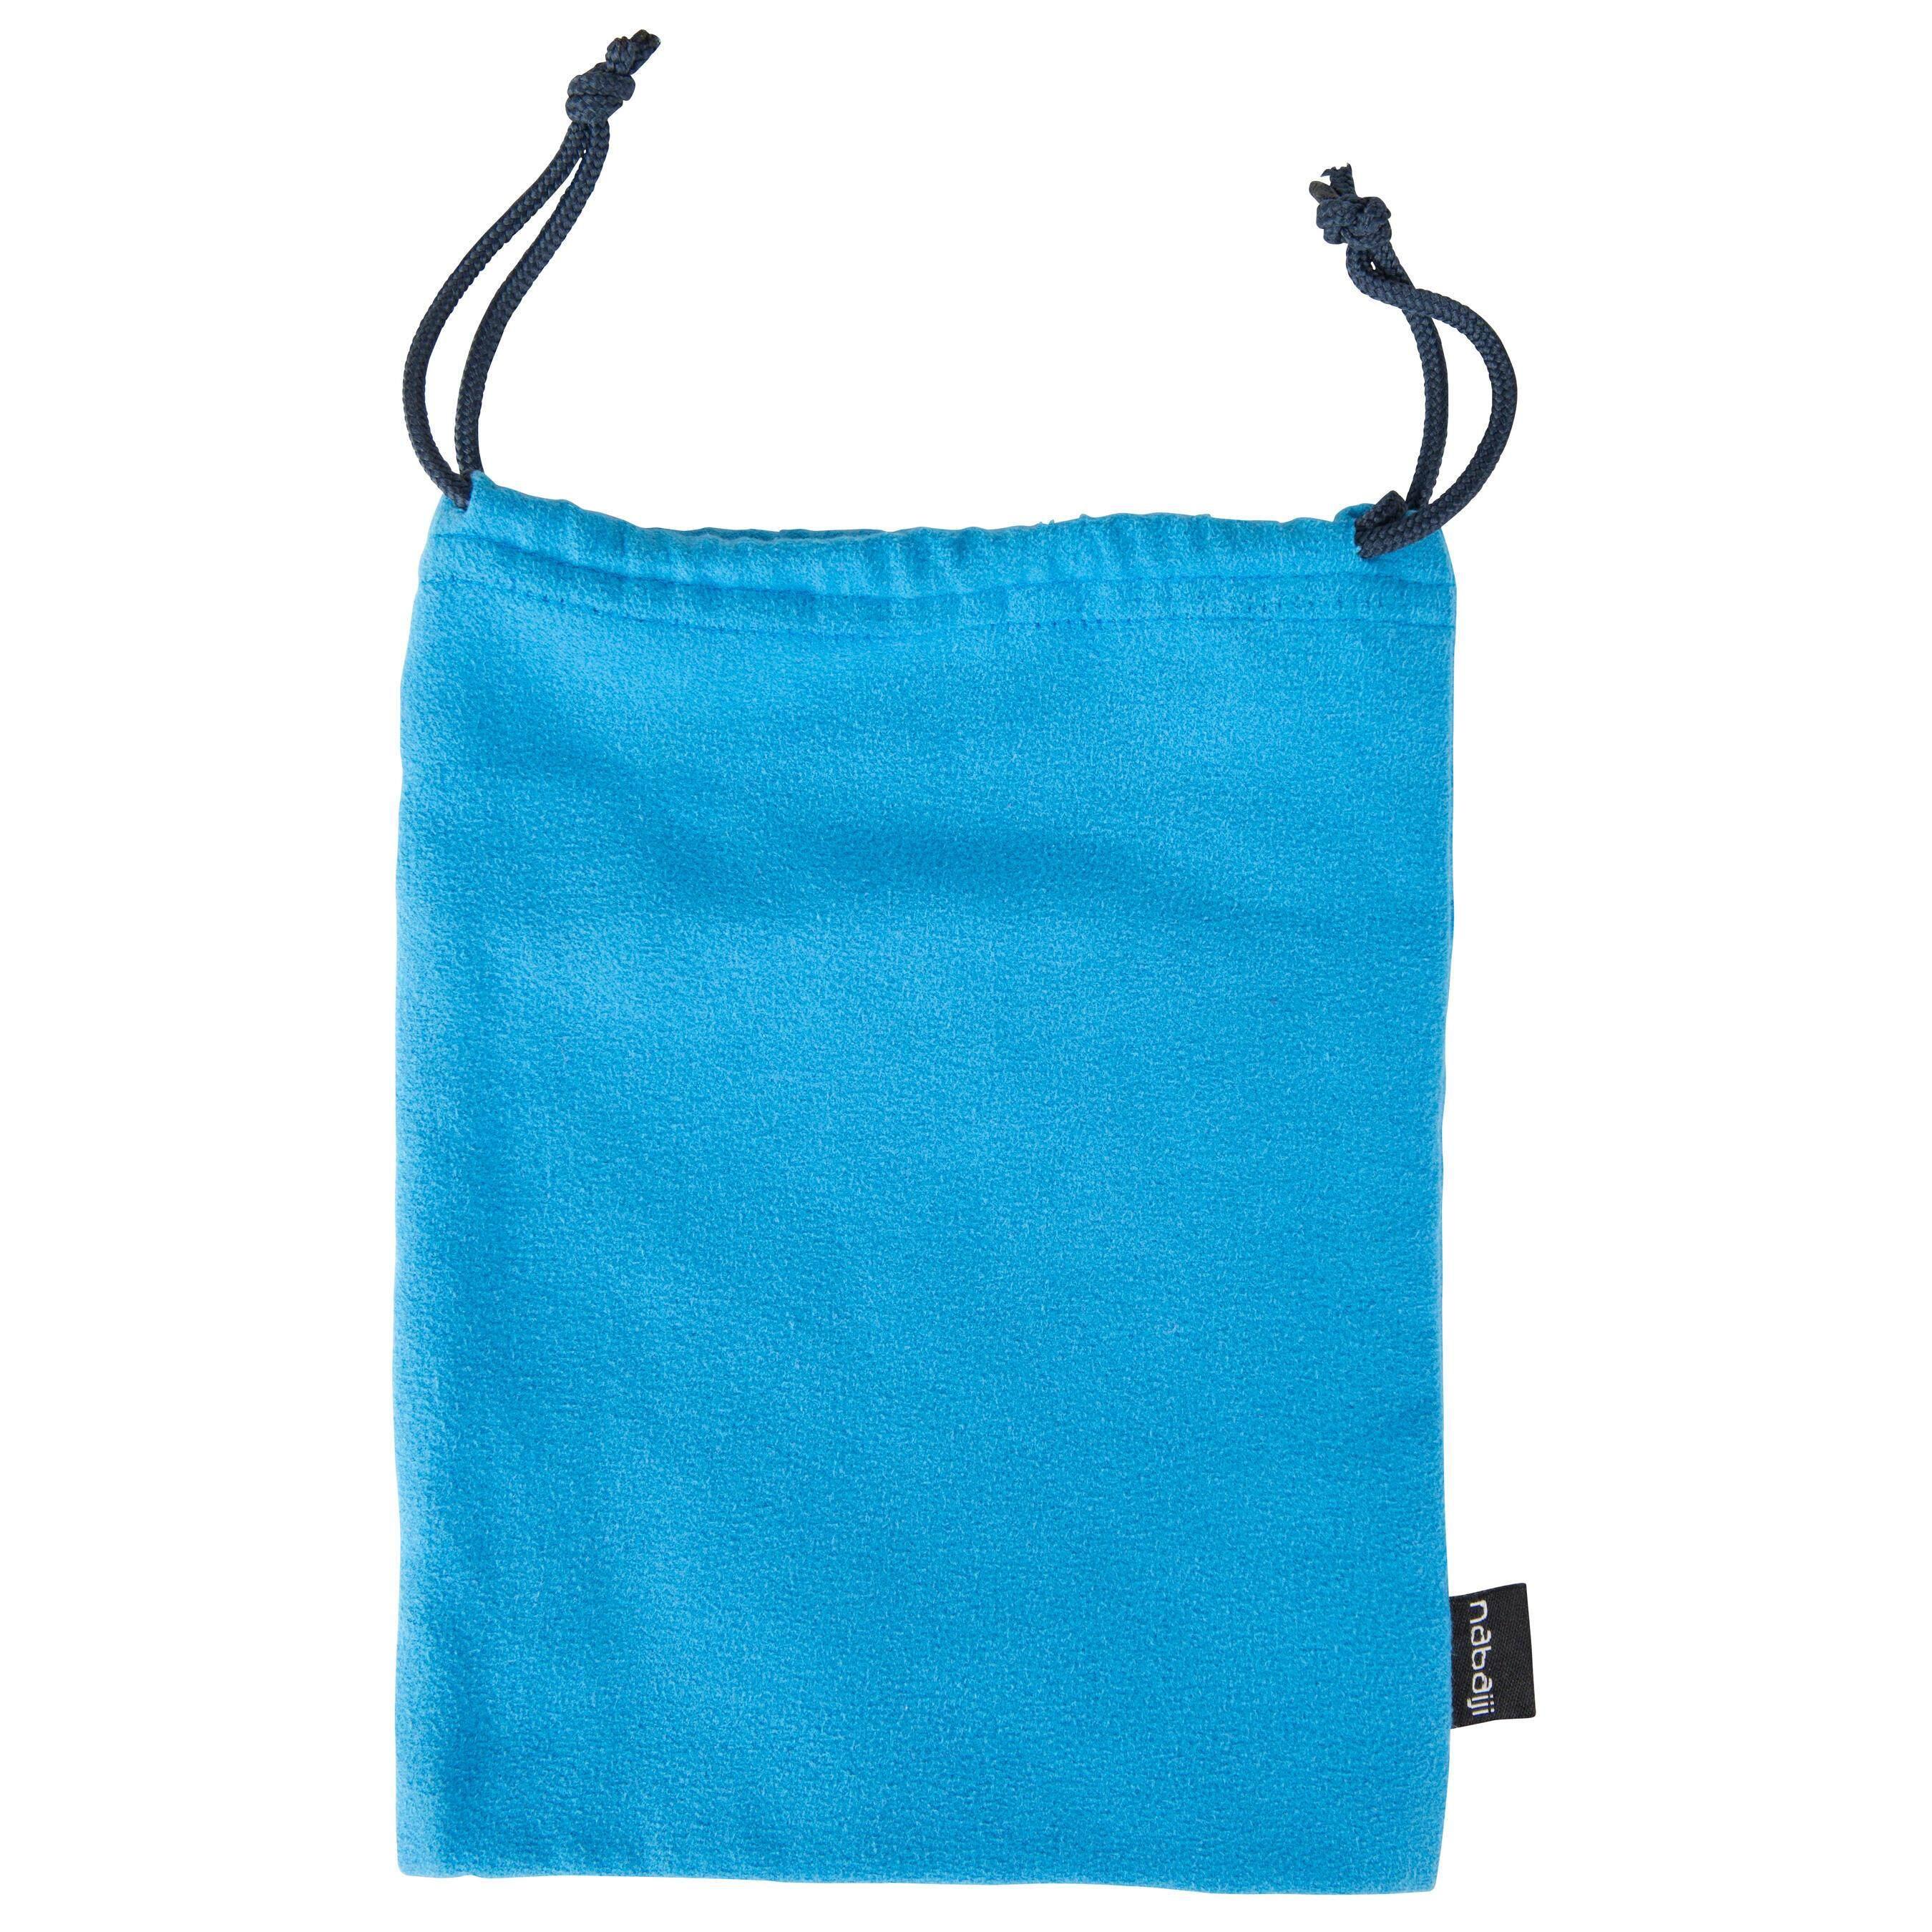 [ราคาดี ราคาถูก!!]ถุงผ้าใส่แว่นตาว่ายน้ำรุ่น 100 (สีฟ้า)